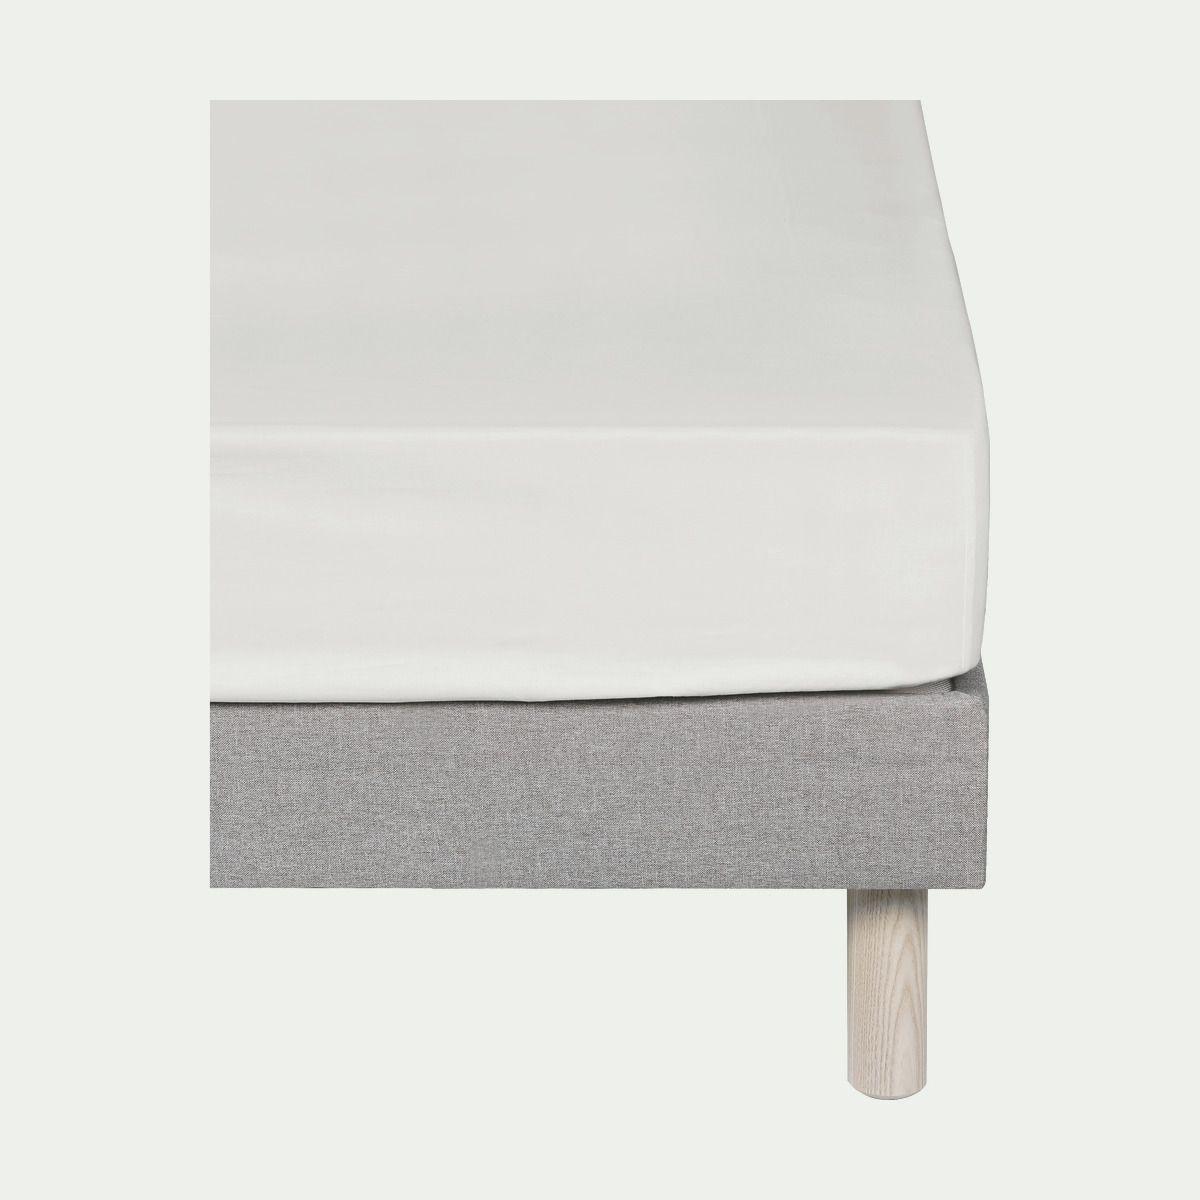 Drap Housse En Percale De Coton Blanc Ventoux 140x200cm Bonnet 25cm Alinea En 2019 Drap Housse Percale De Coton Et Drap